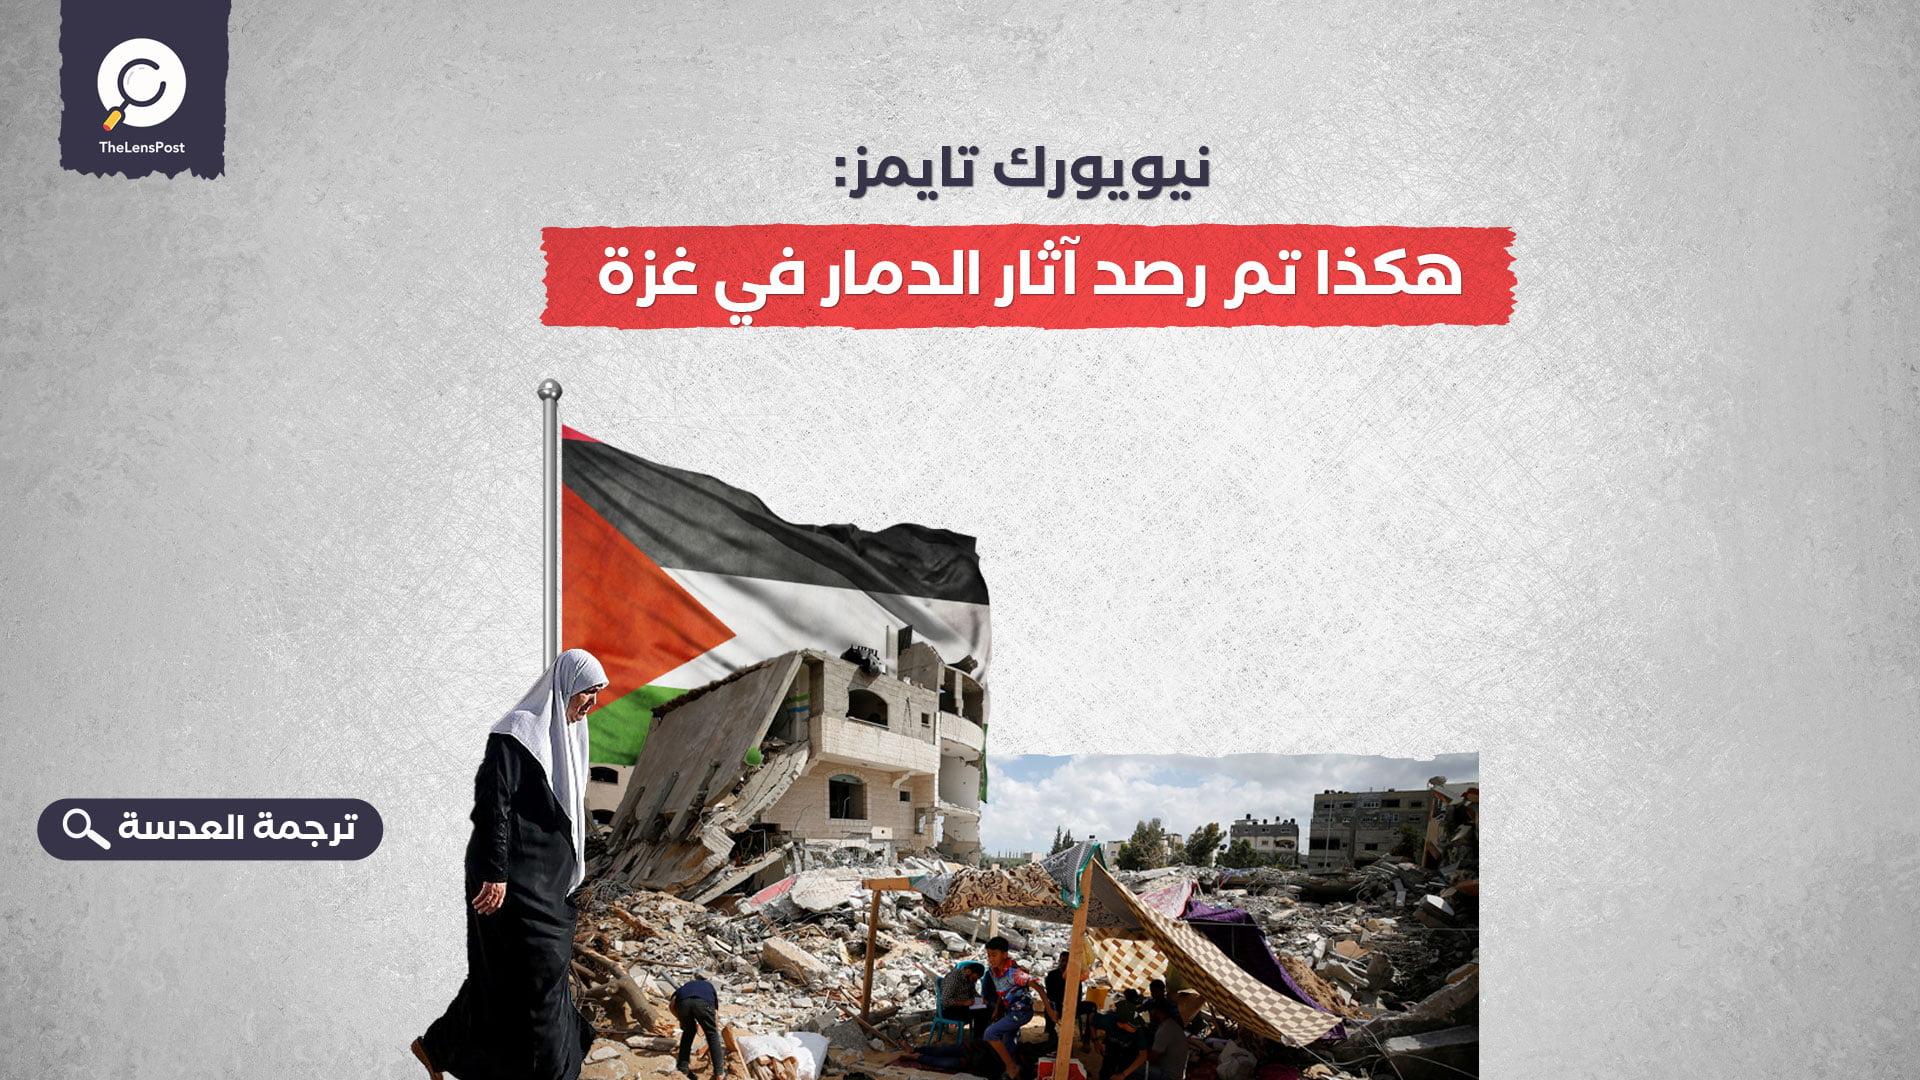 نيويورك تايمز تعرض حصيلة 11 يوم من الحرب في غزة